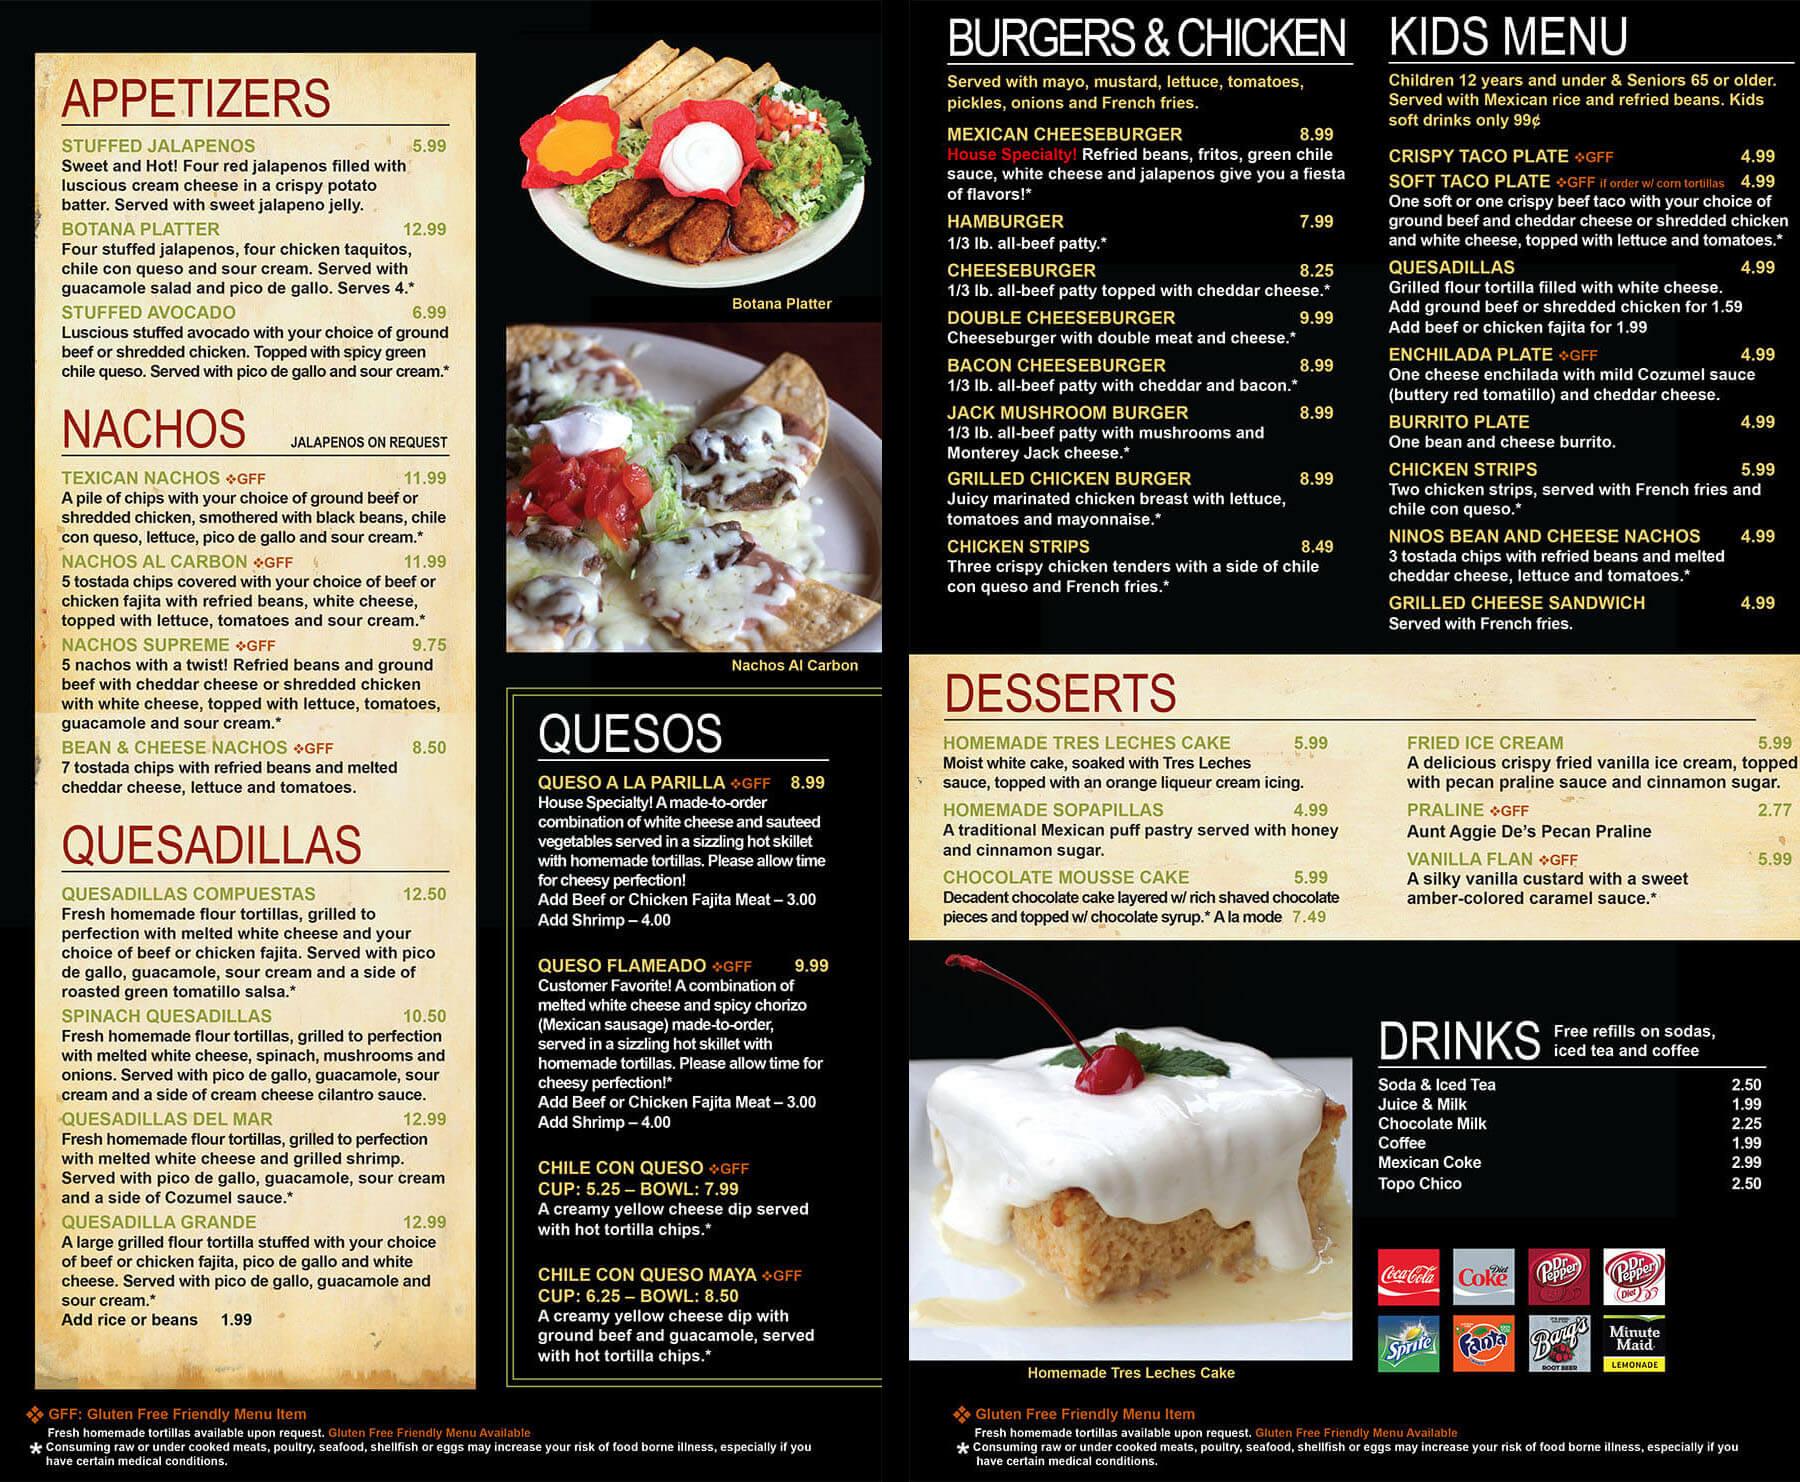 Texican menu